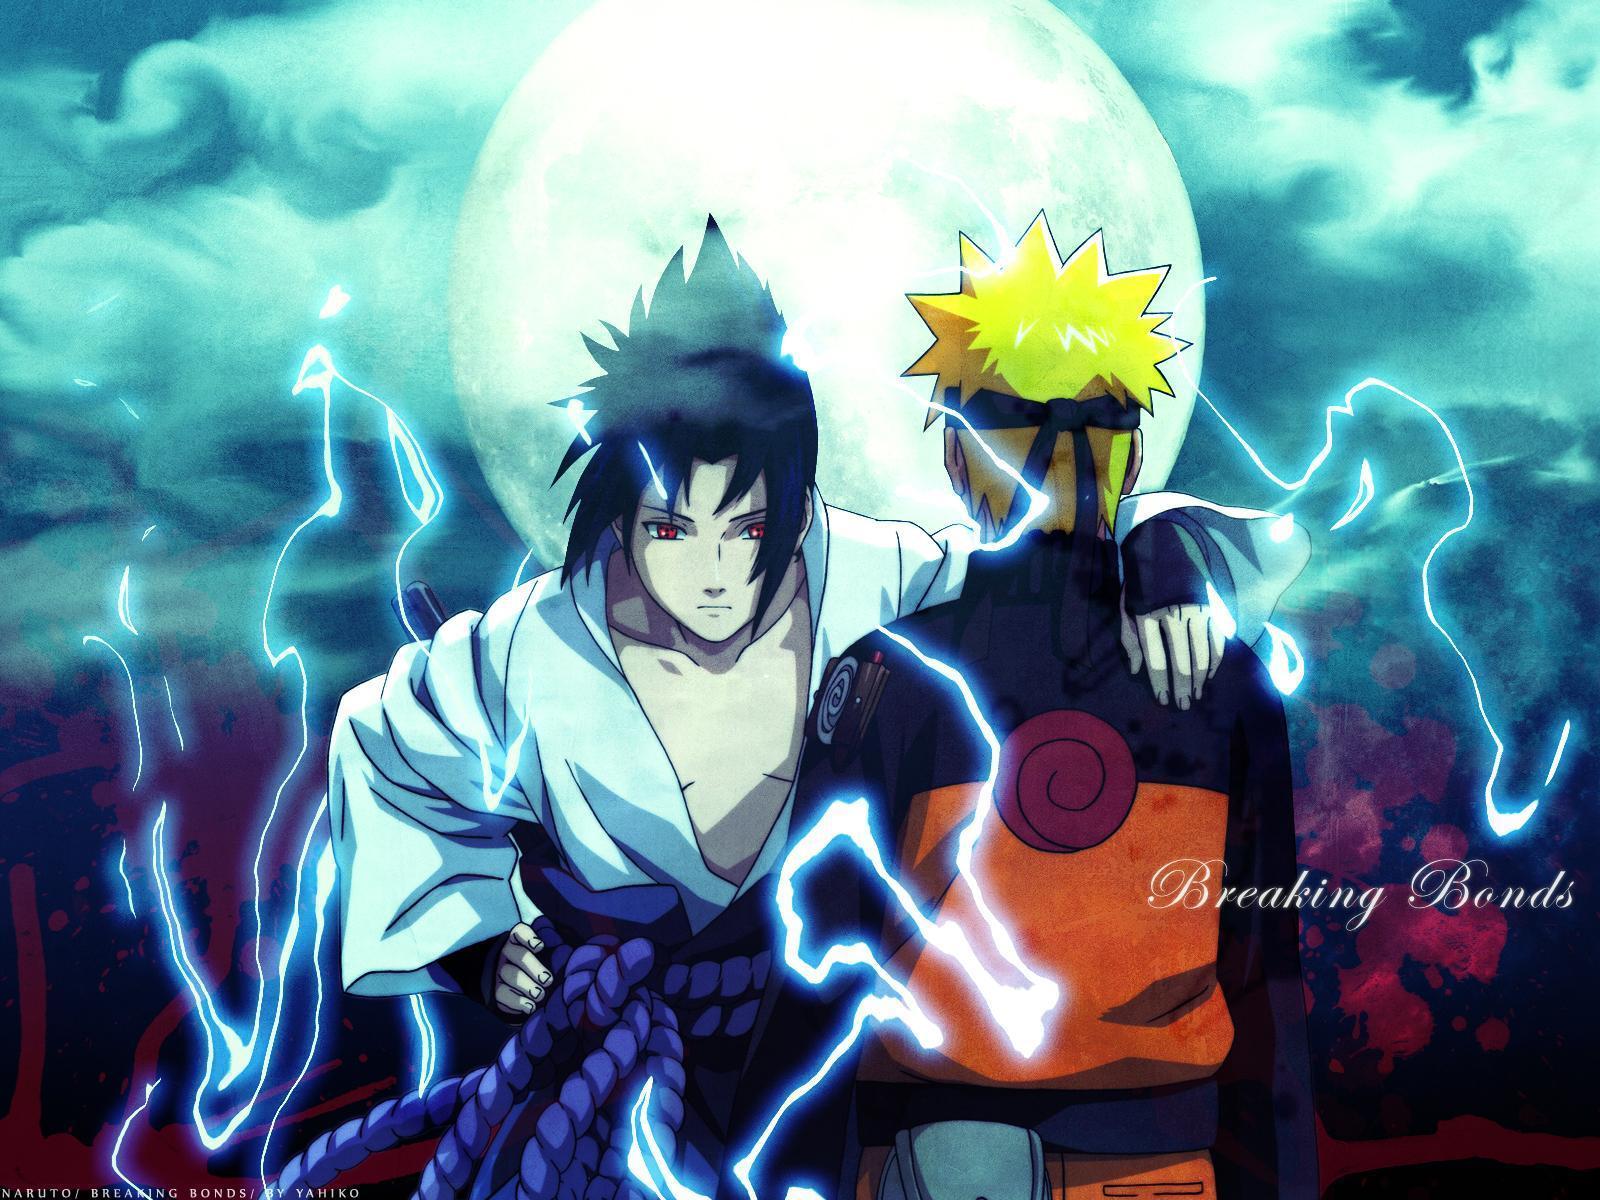 hãy cùng xem những hình ảnh đẹp trong bộ truyện tranh và phim hoạt hình Naruto vs sasuke.